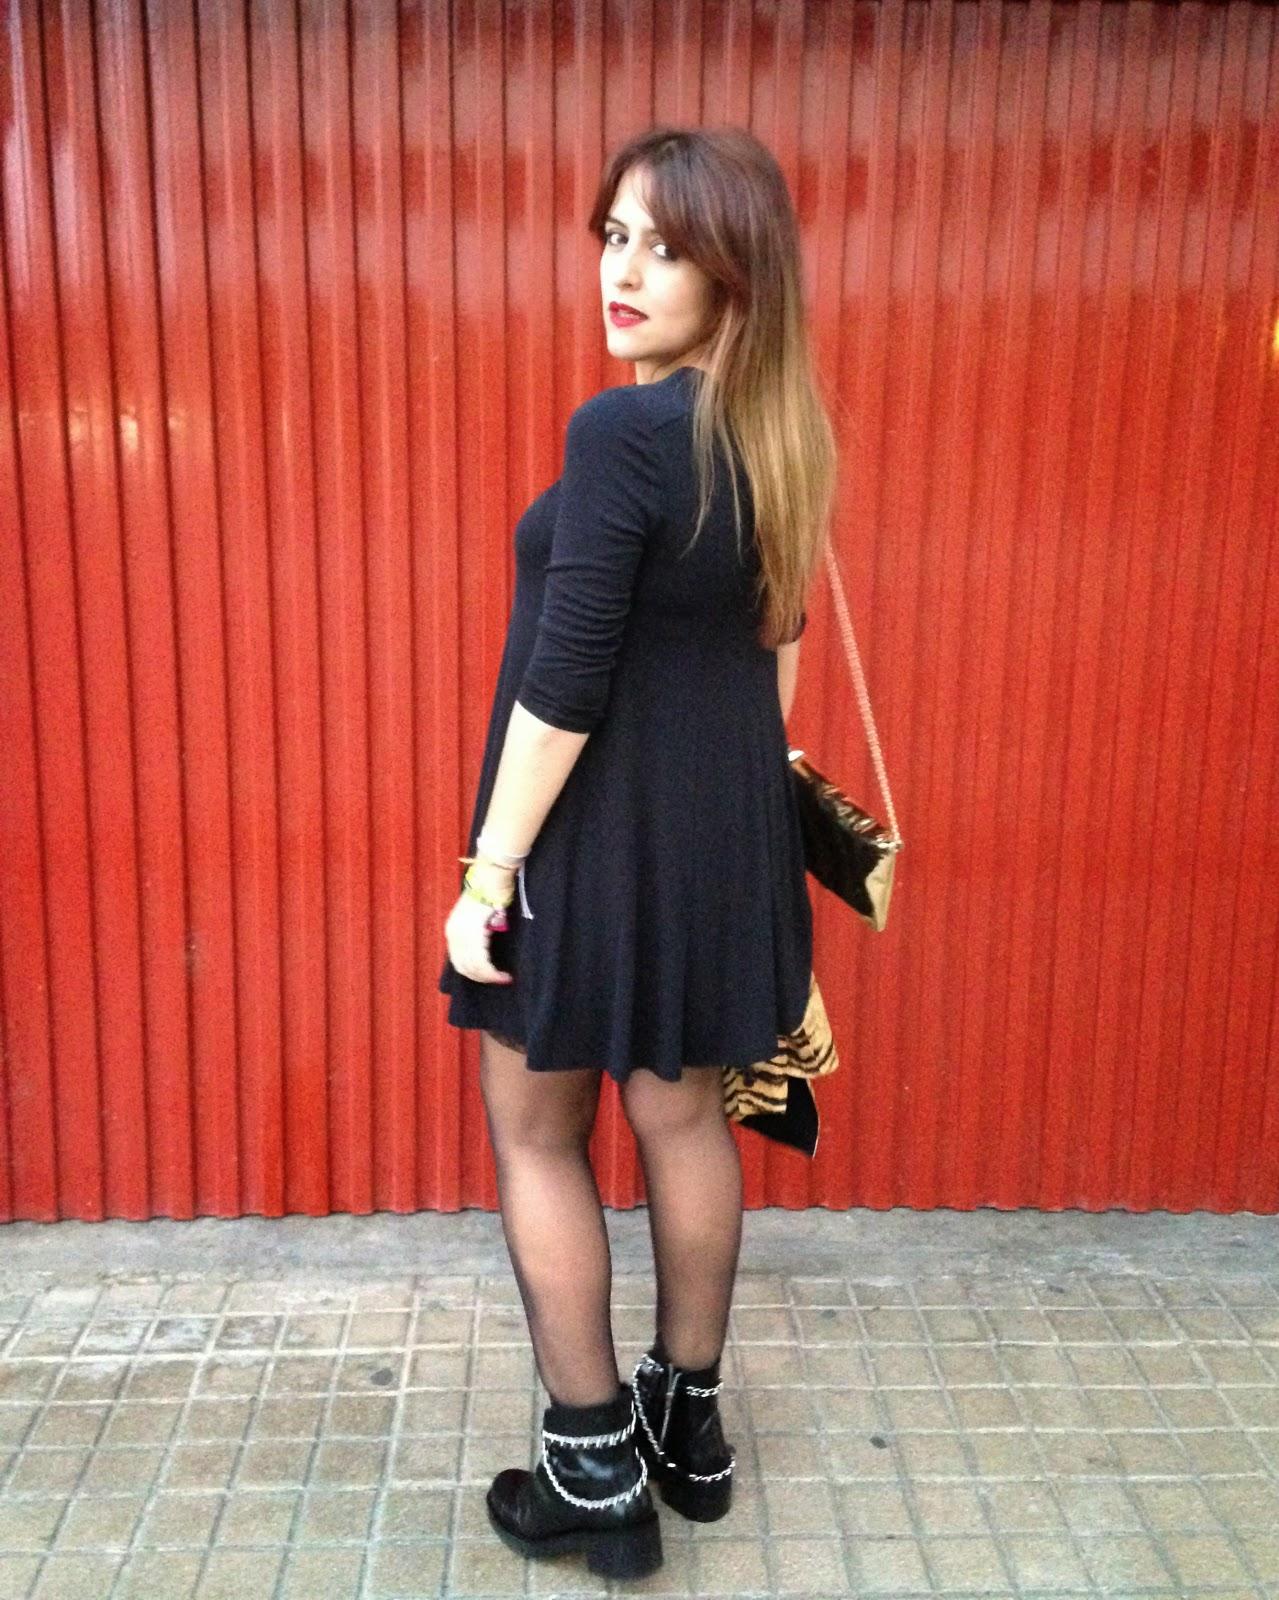 Pepa Que Me Pongo Majoyle In Black